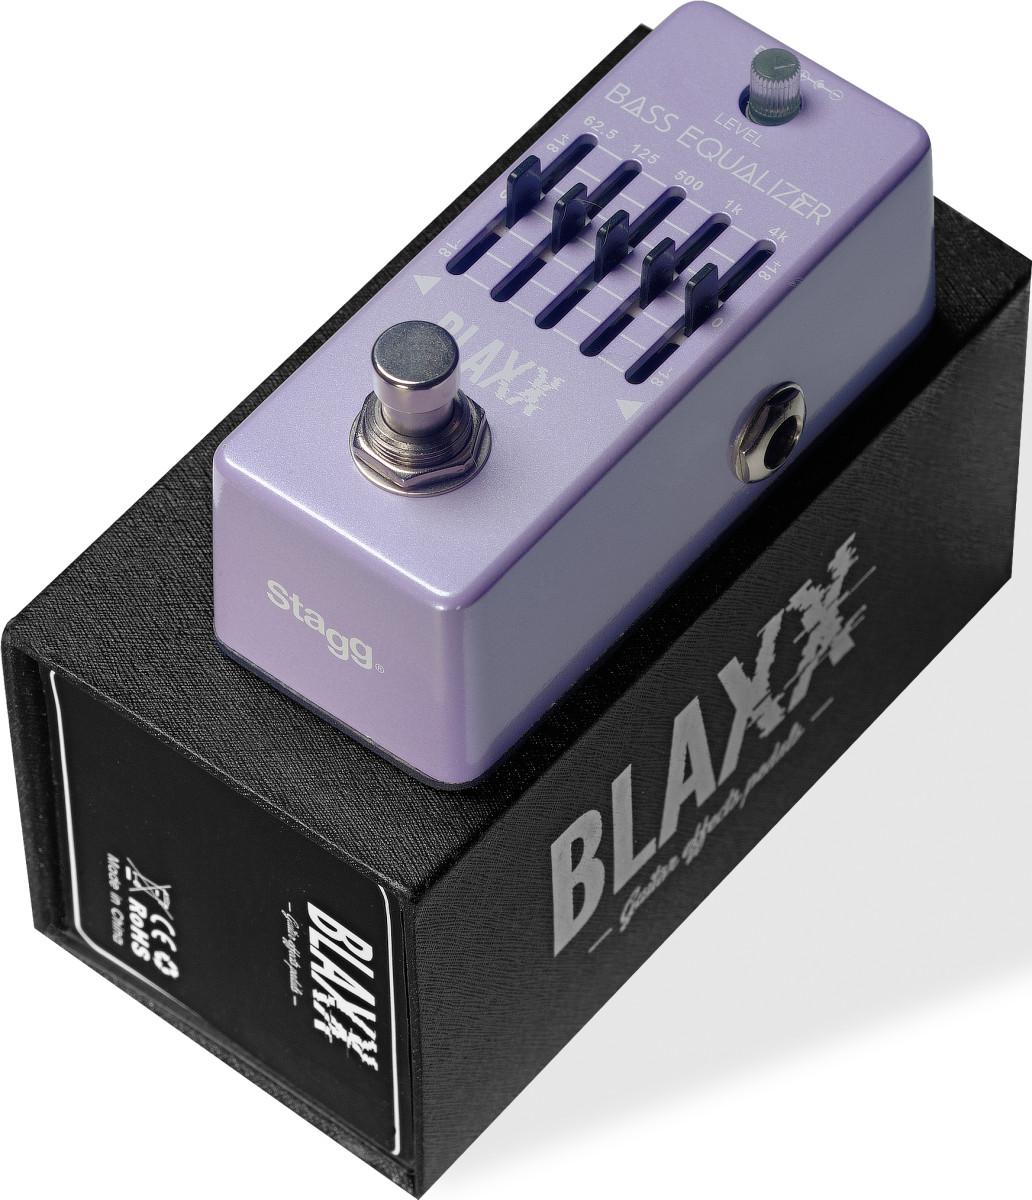 Blaxx Bass EQ